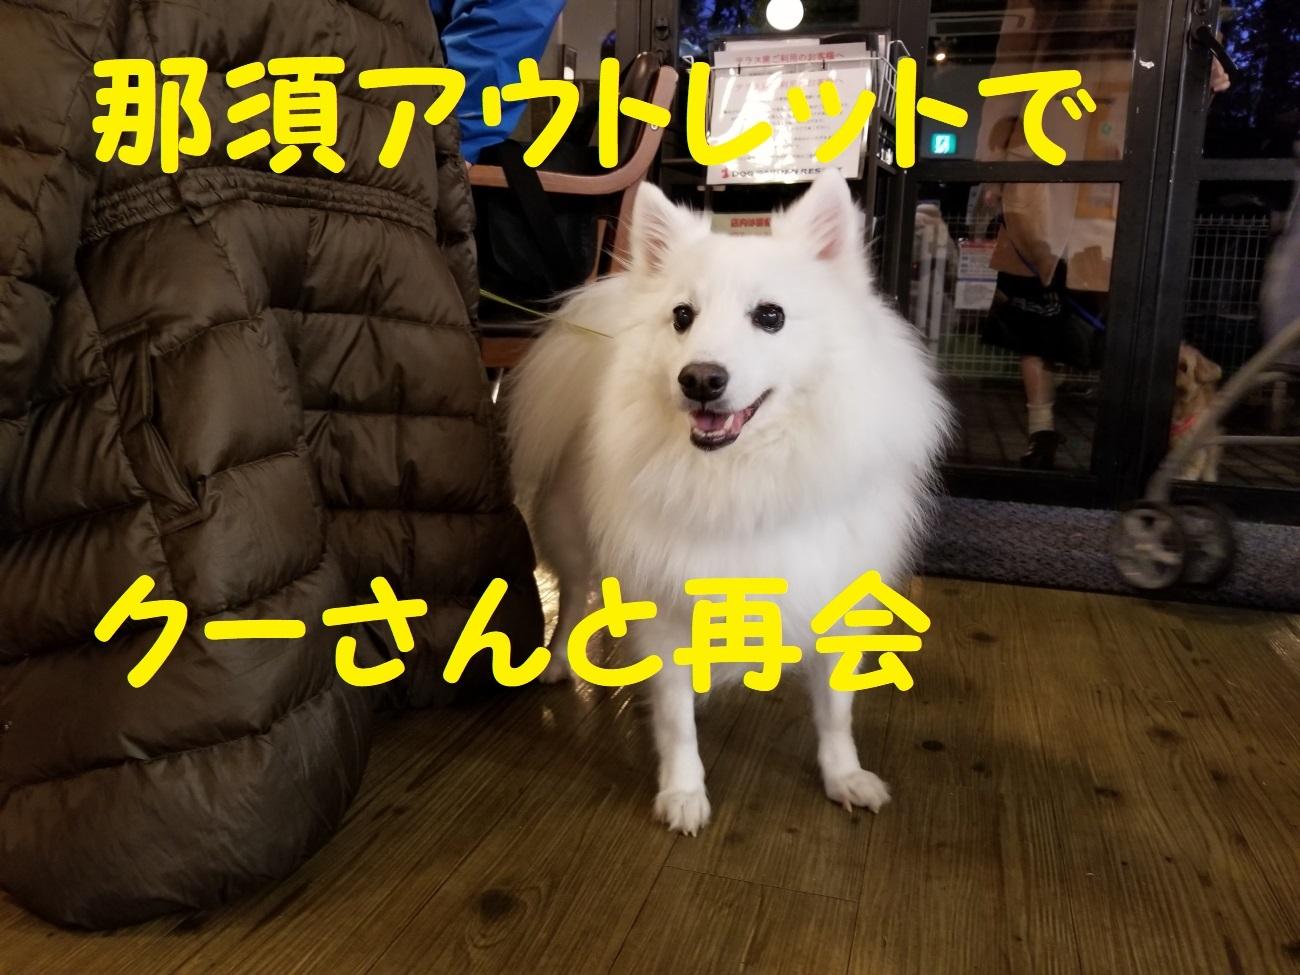 20171123_165848.jpg